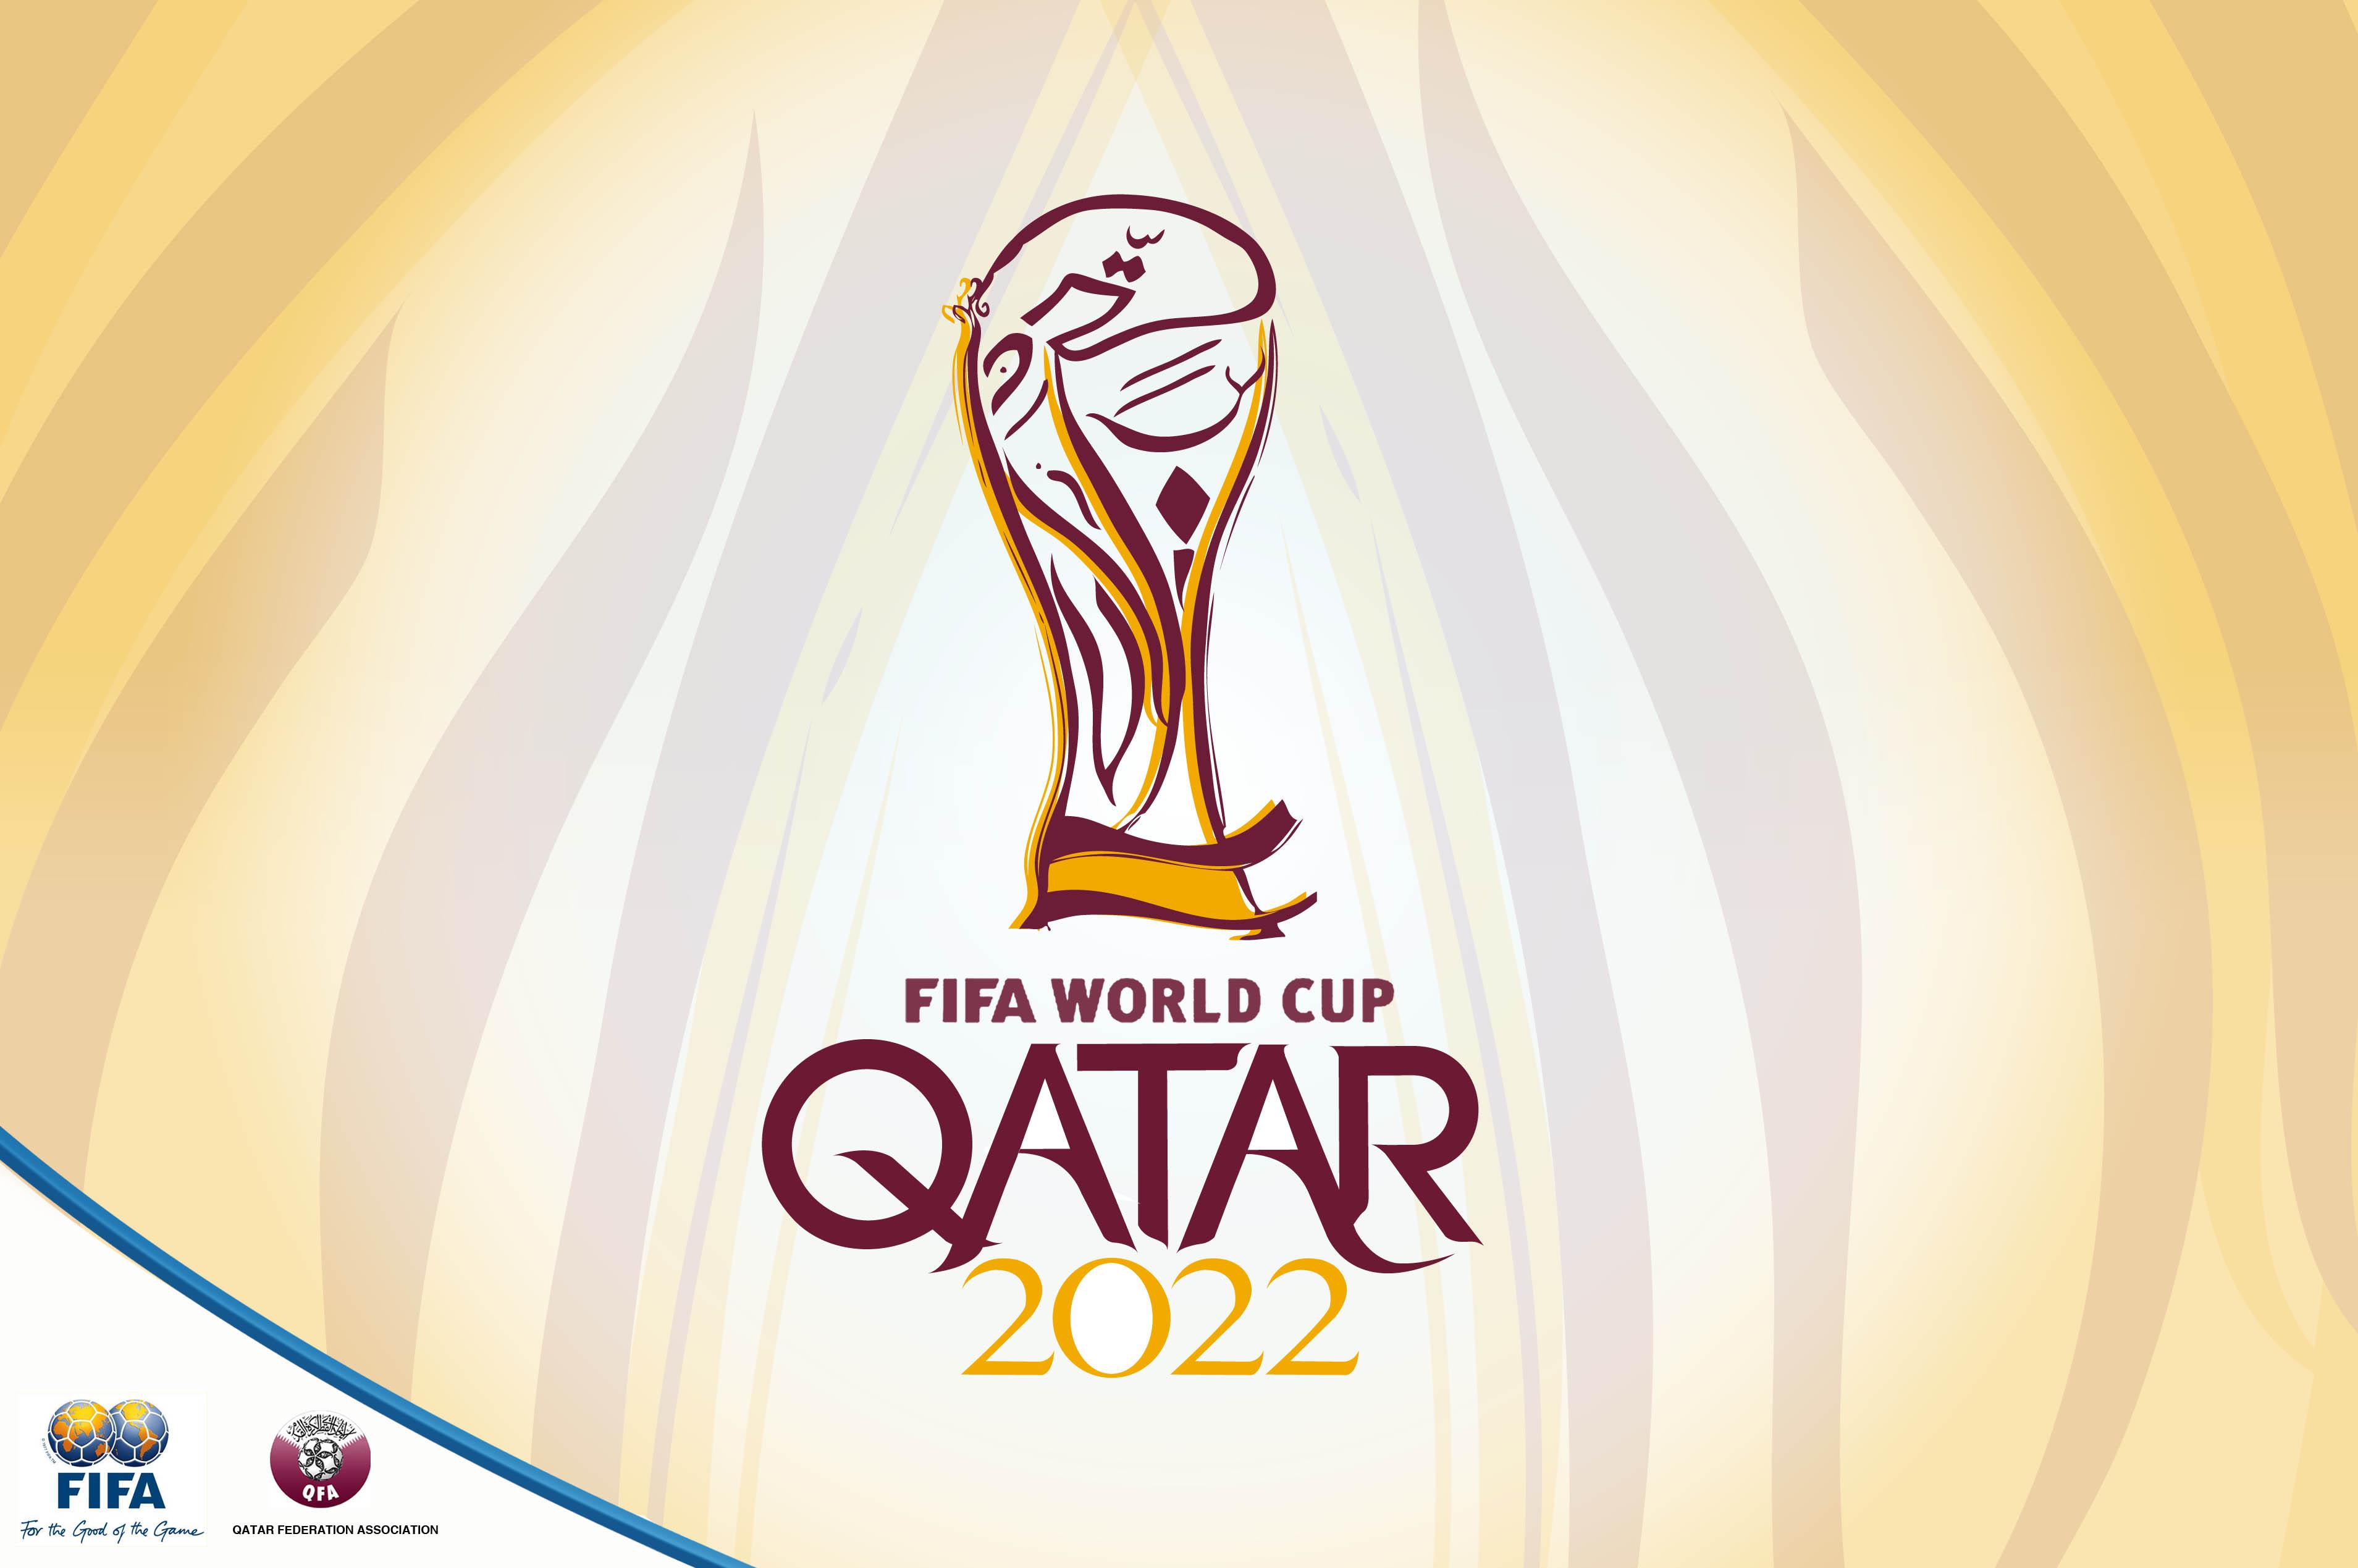 Le Qatar veut être le pays hôte de la Coupe du monde de football 2022